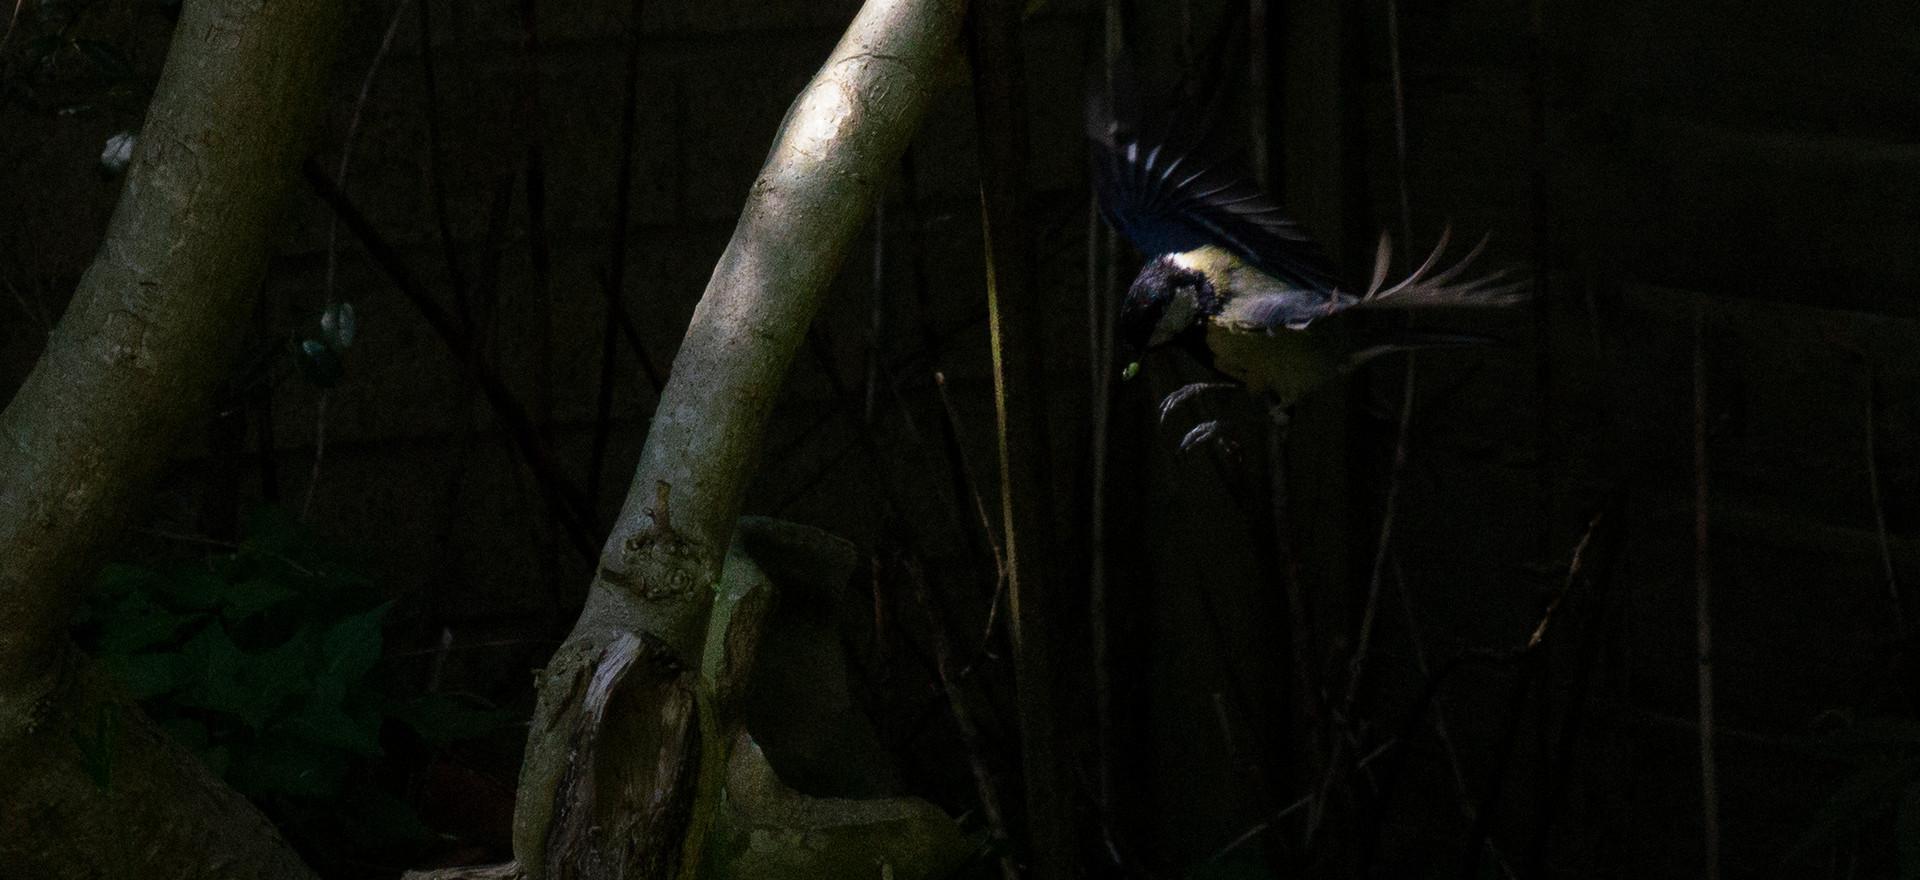 Blue Tit nesting in garden ornament vase.